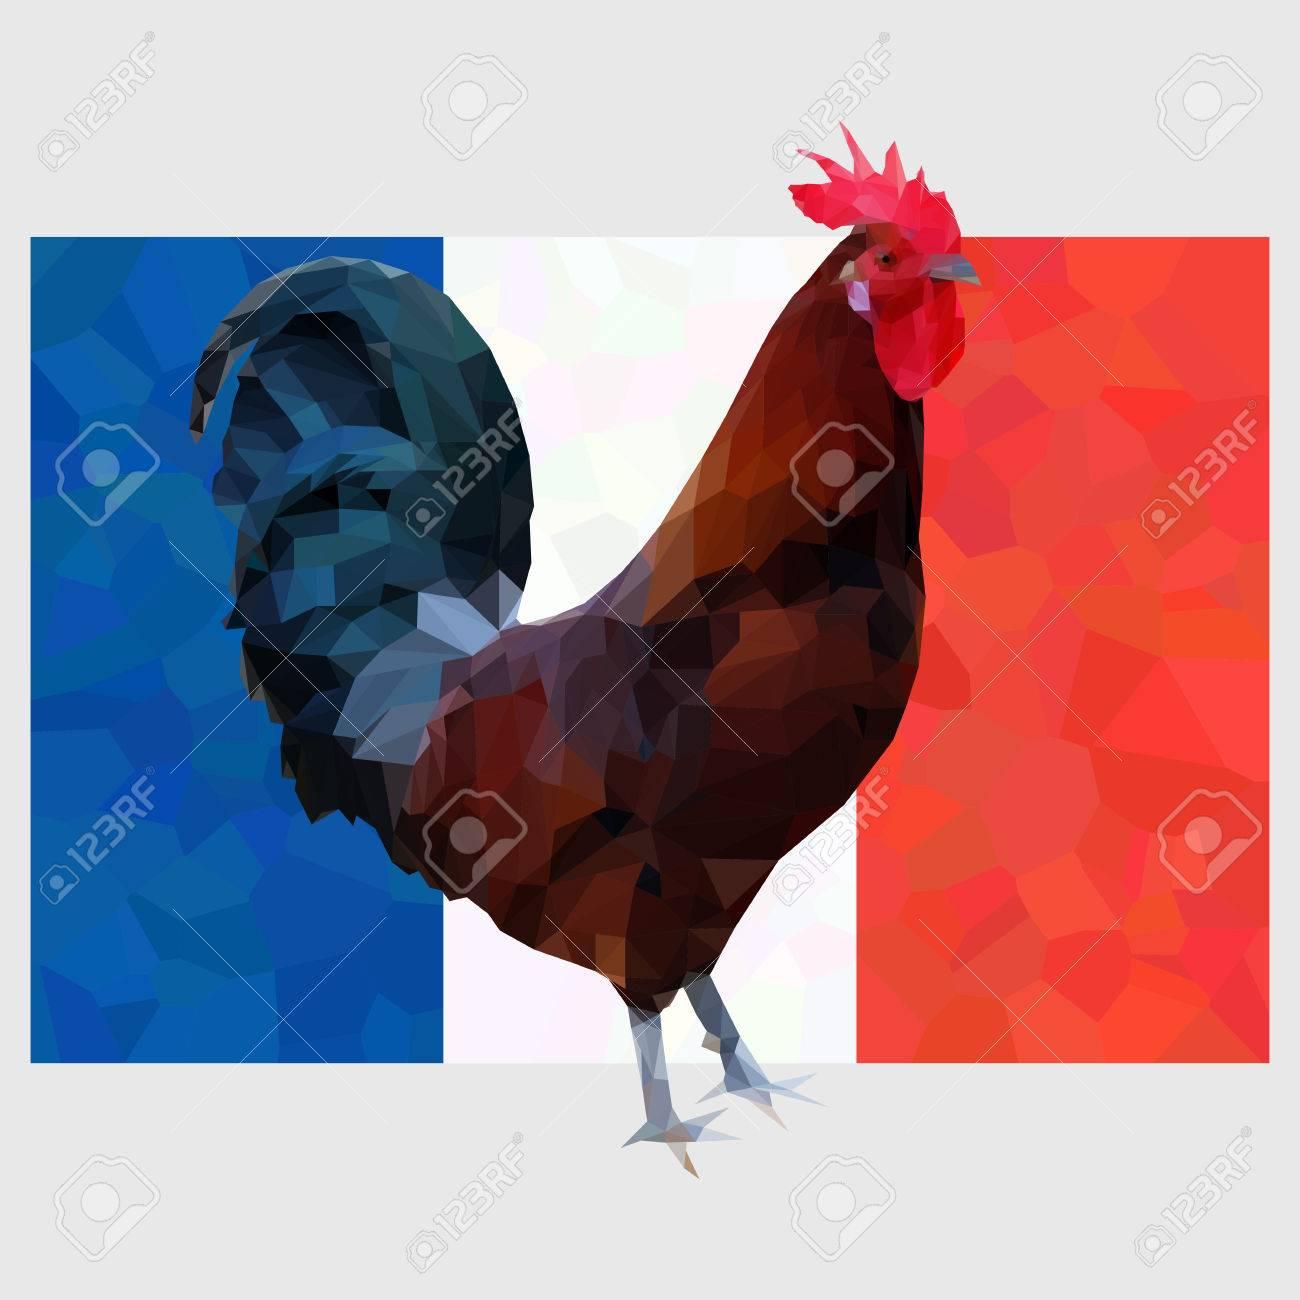 [Football] Coupe du Monde 2018 - Page 21 51770704-Illustration-du-coq-gaulois-polygonale-sur-un-fond-de-drapeau-fran-ais-Symbole-de-la-France-le-Coq-G-Banque-d'images